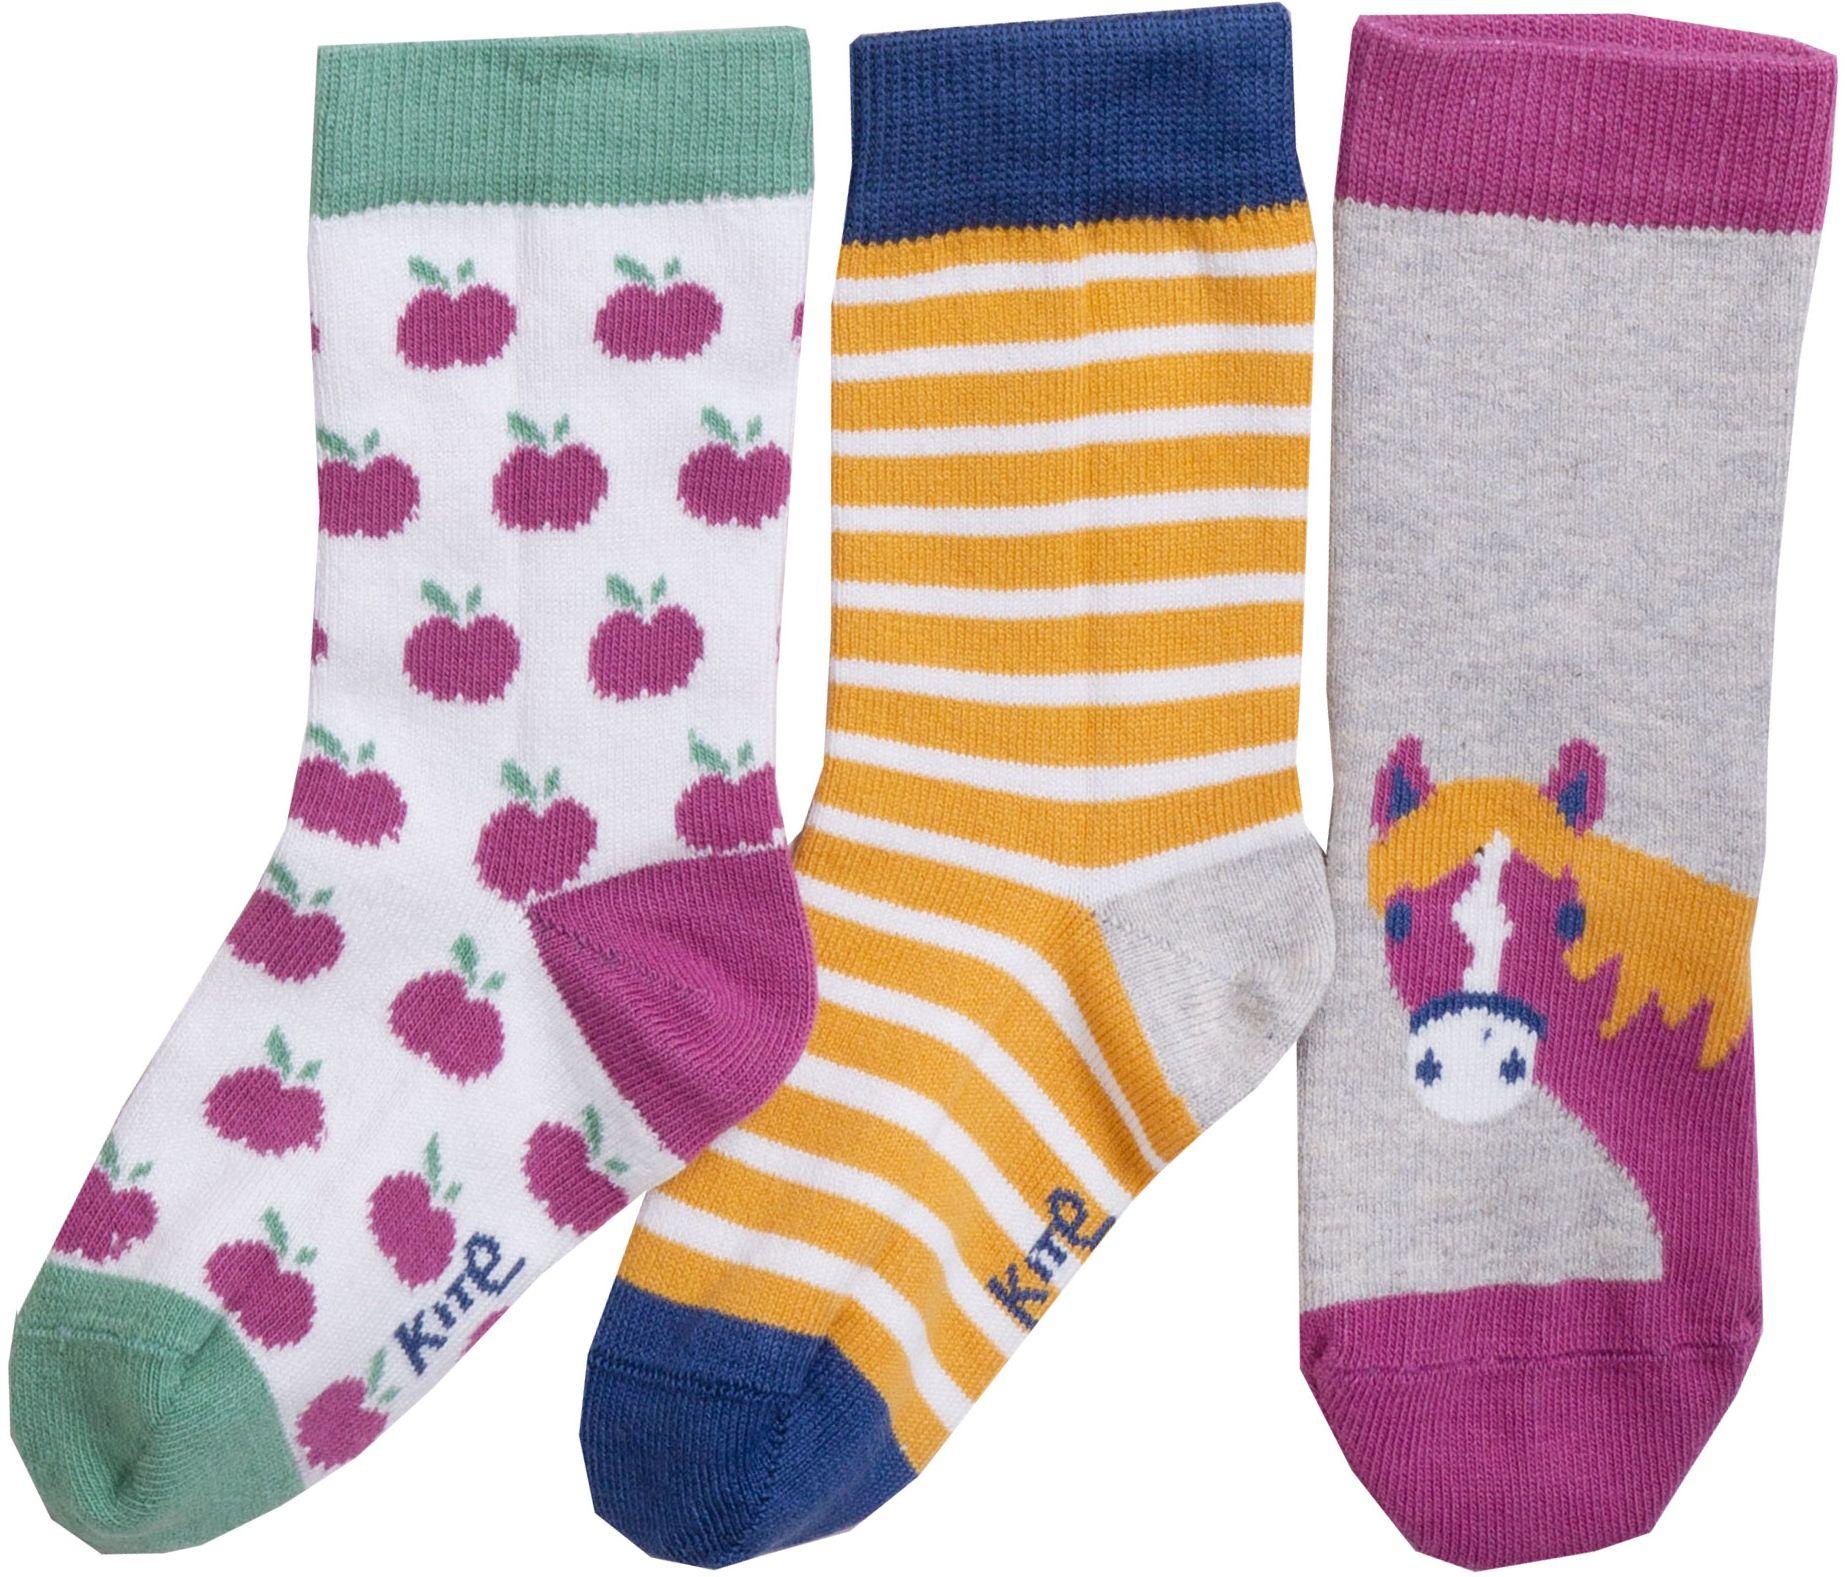 Gemusterte Kinder-Socken im 3er-Pack mit Pferd-Motiv